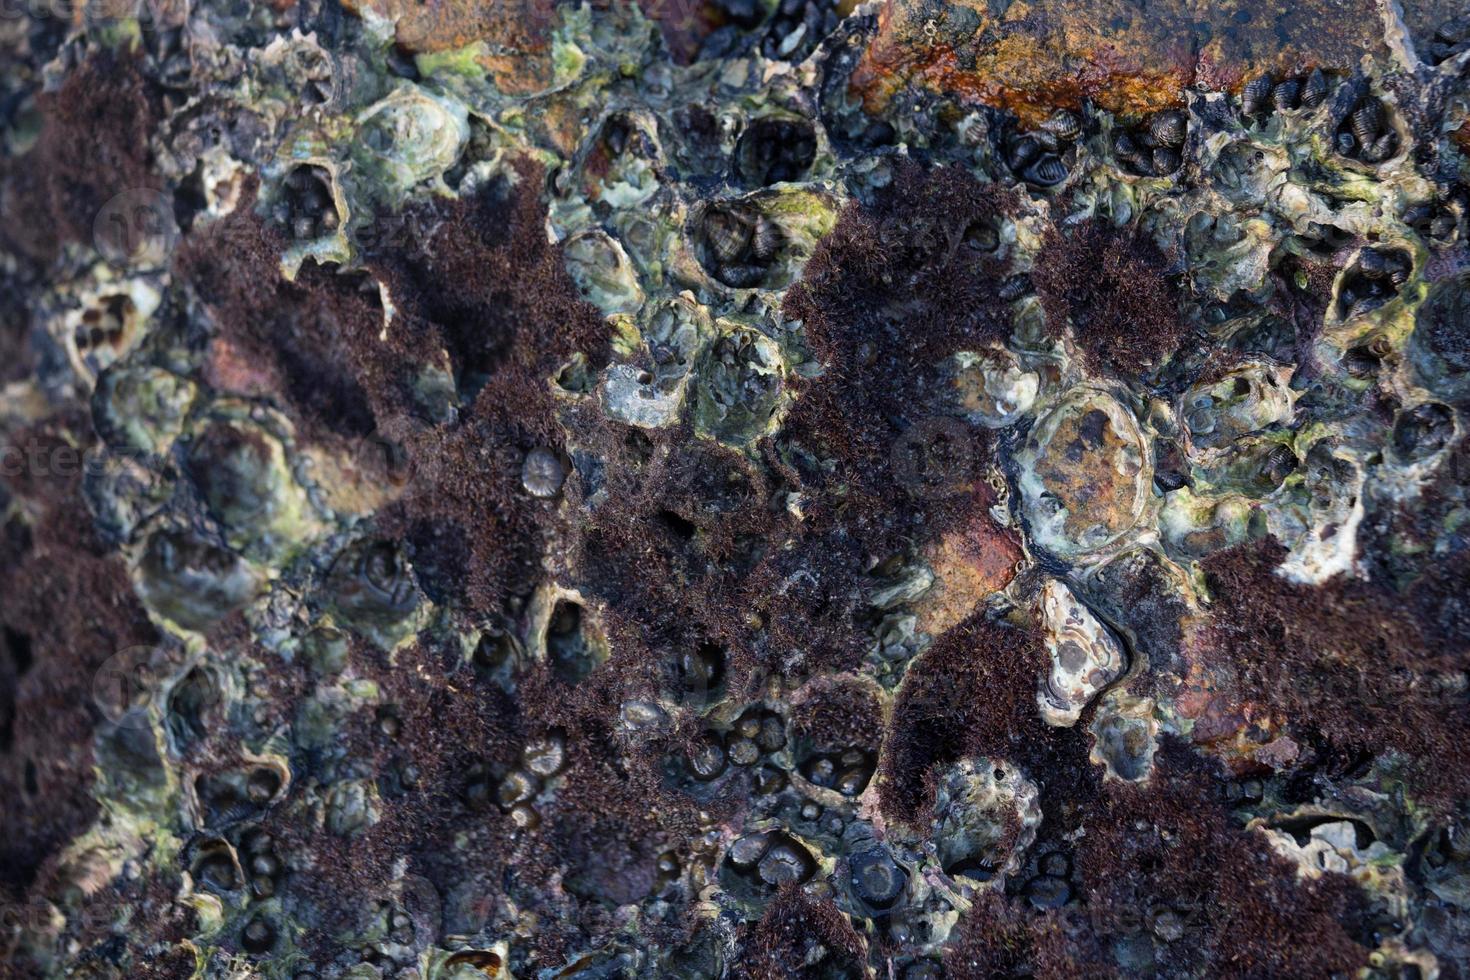 rotsslakken en limpets foto